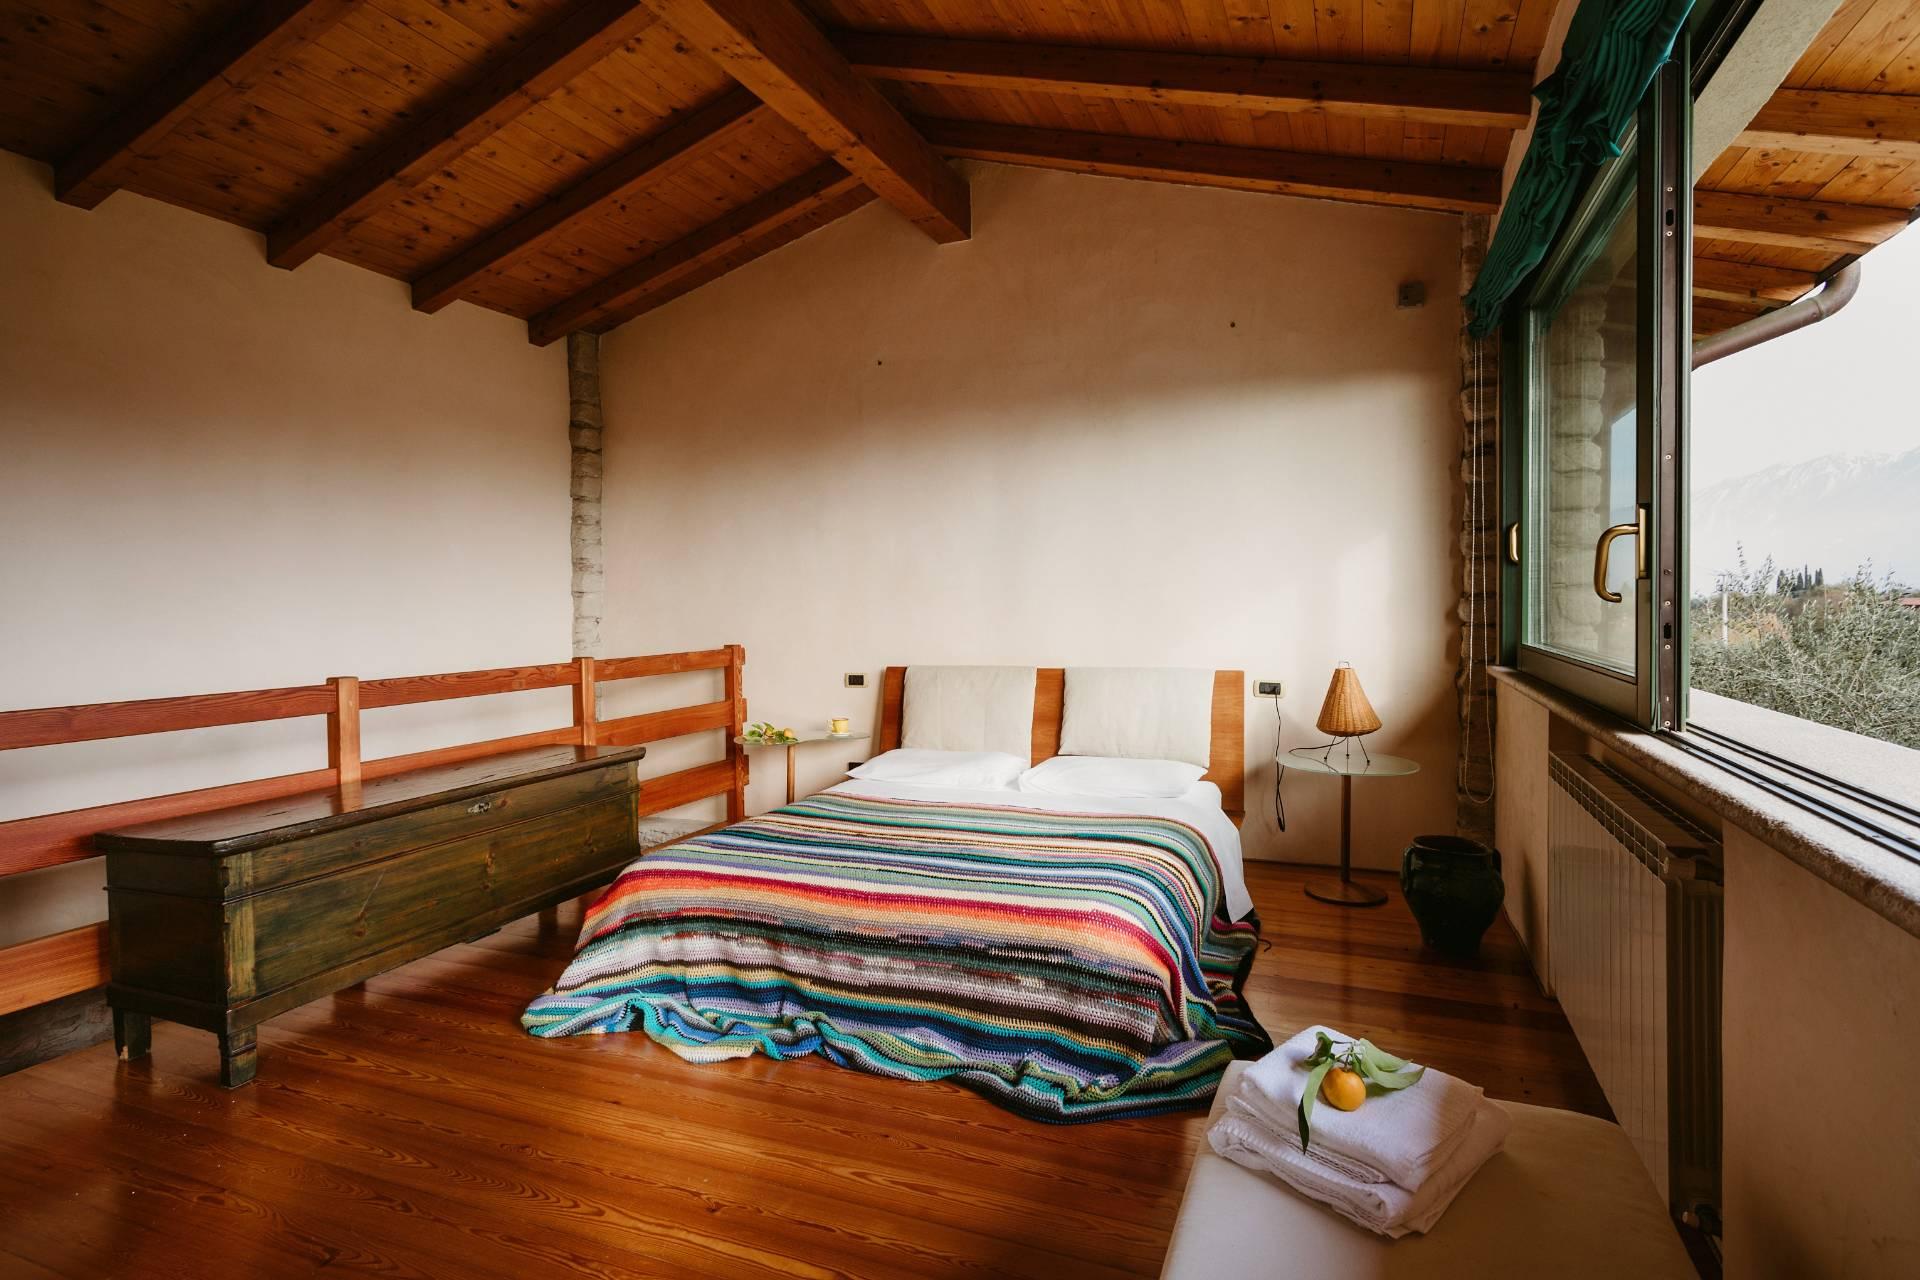 Rustico in Vendita a Toscolano-Maderno: 5 locali, 600 mq - Foto 20